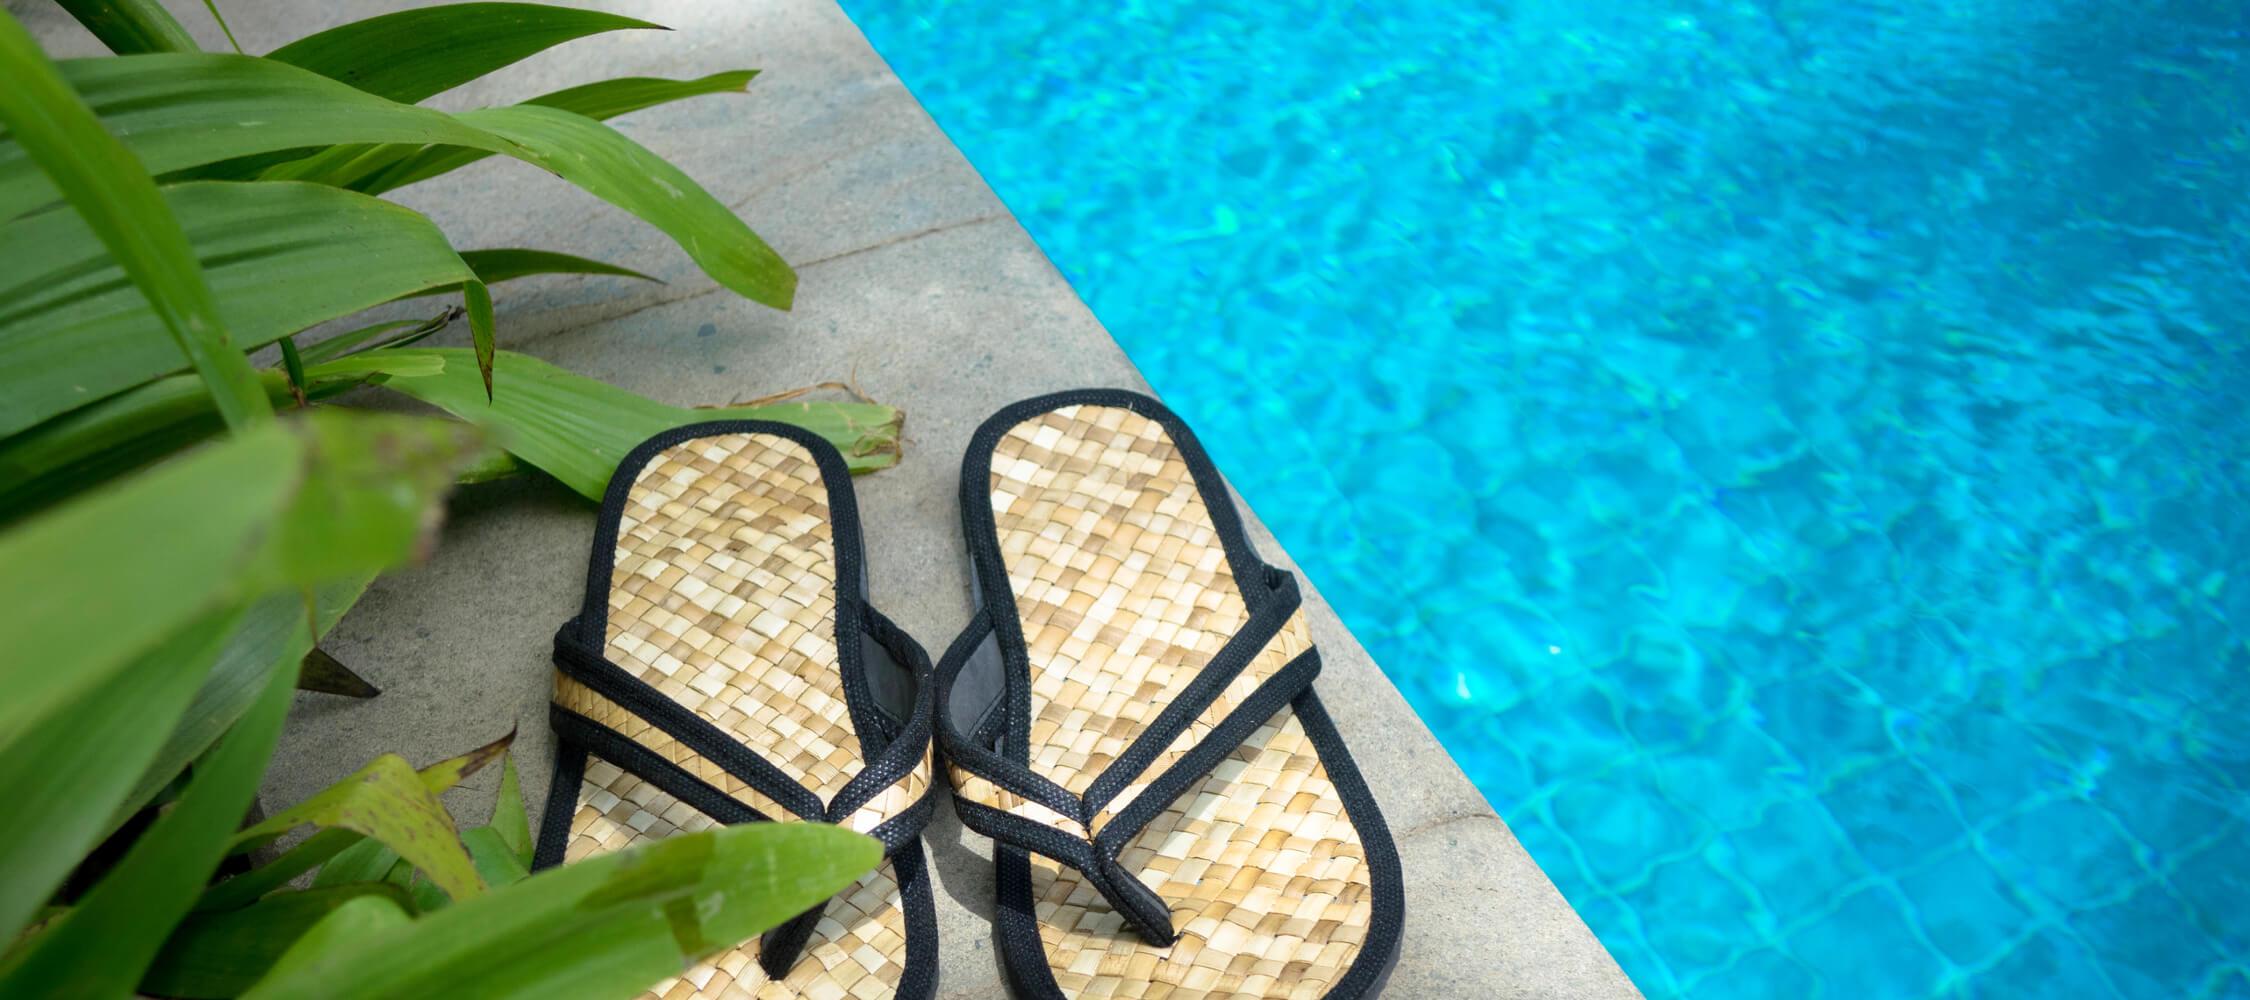 Hotel_Flora_Merano_Wellness_Garten_Freischwimmbad_Detail_141463364_2250x1000